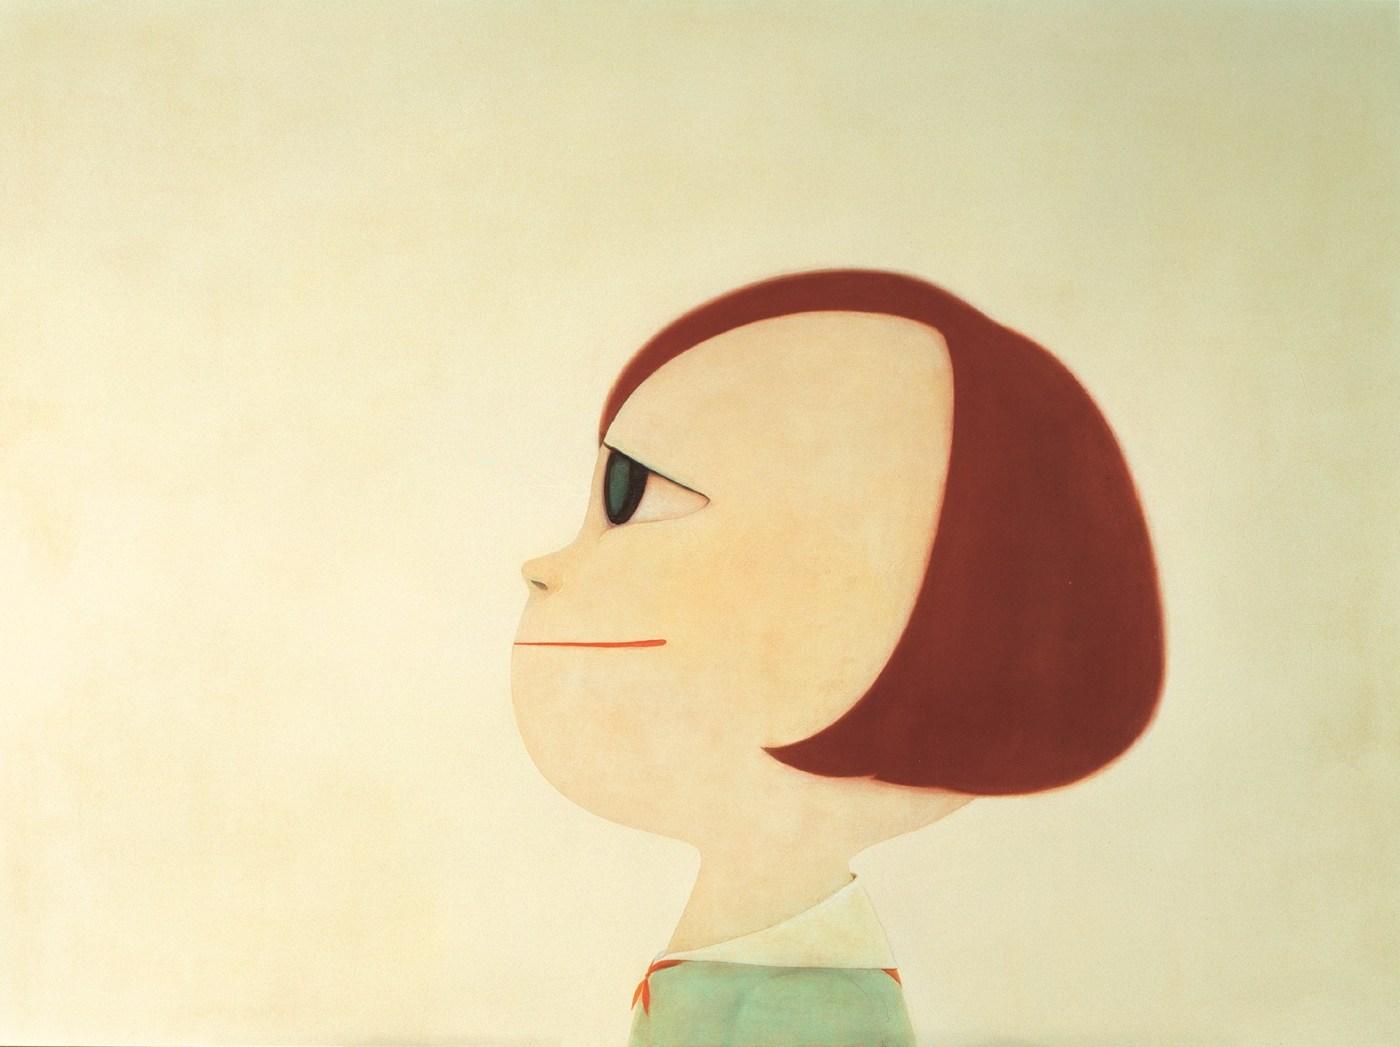 奈良美智《振作》,2001年作,壓克力畫布,194 x 259.3公分 Yoshitomo Nara, Keep Your Chin Up, 2001, acrylic on canvas, 194 by 259.3cm